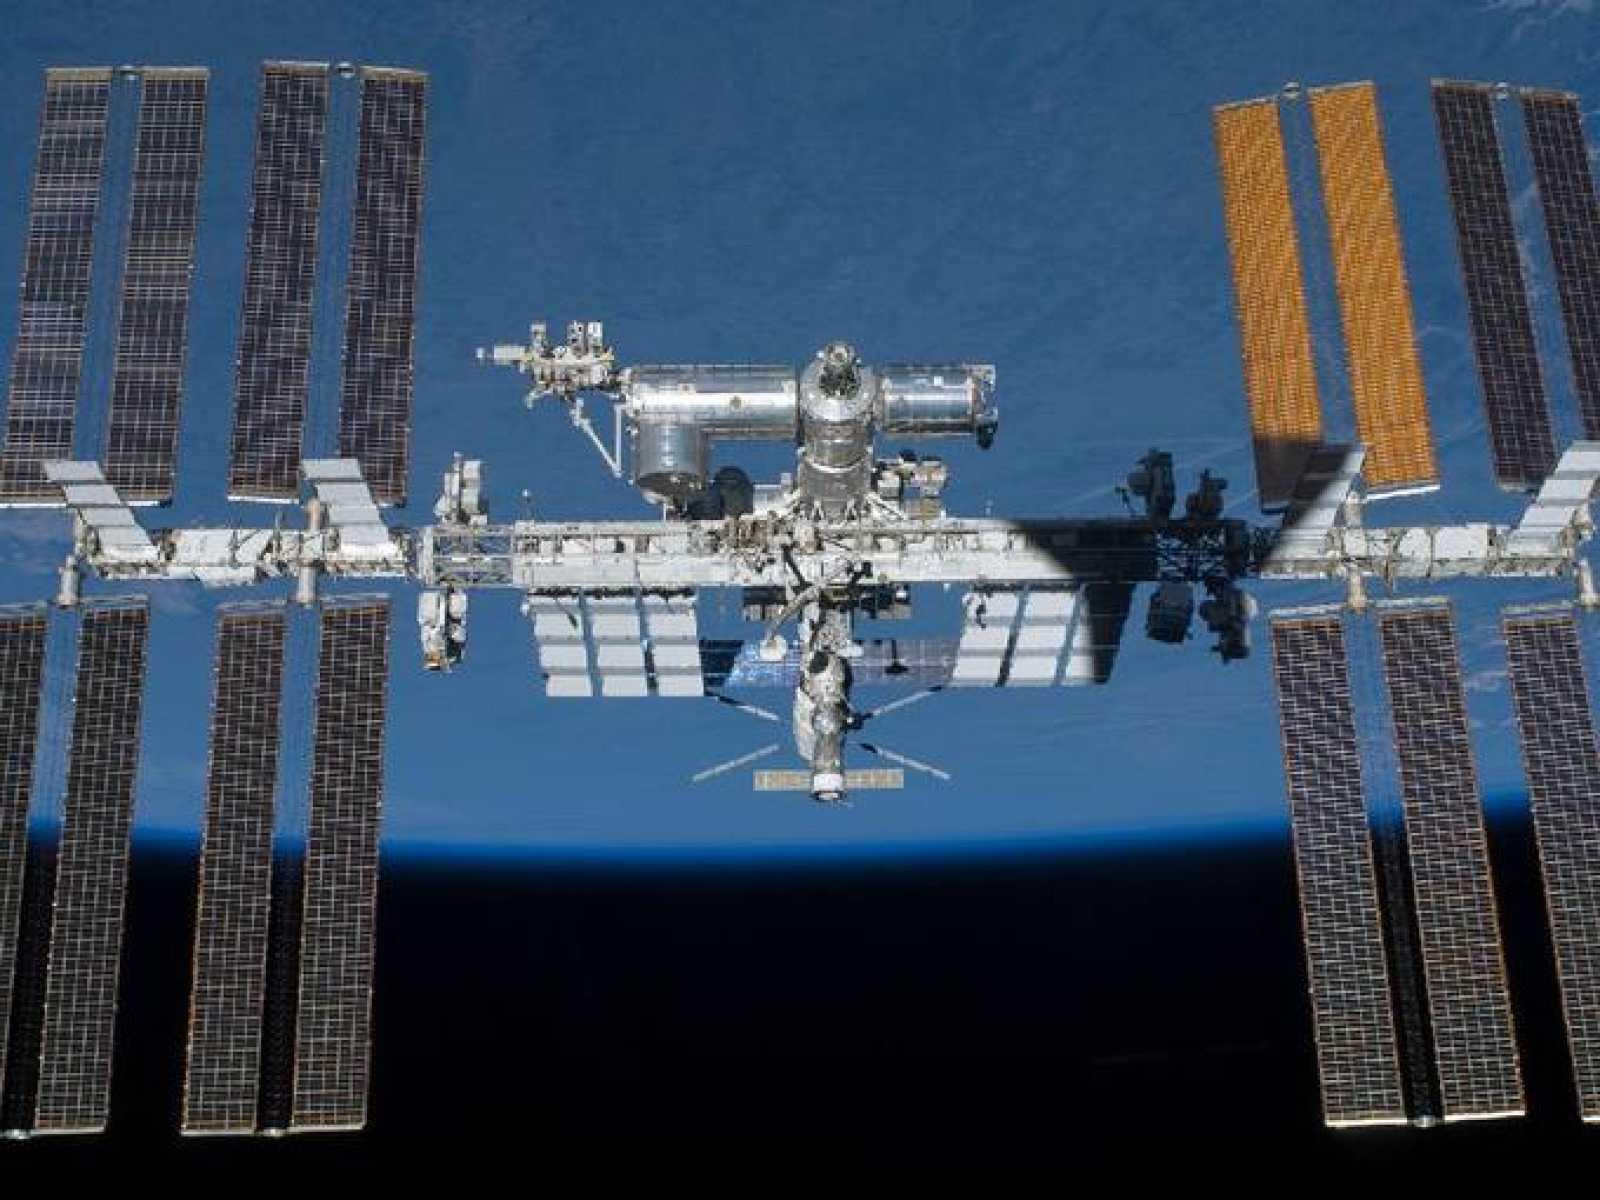 La ISS terminada tras la misión STS-134